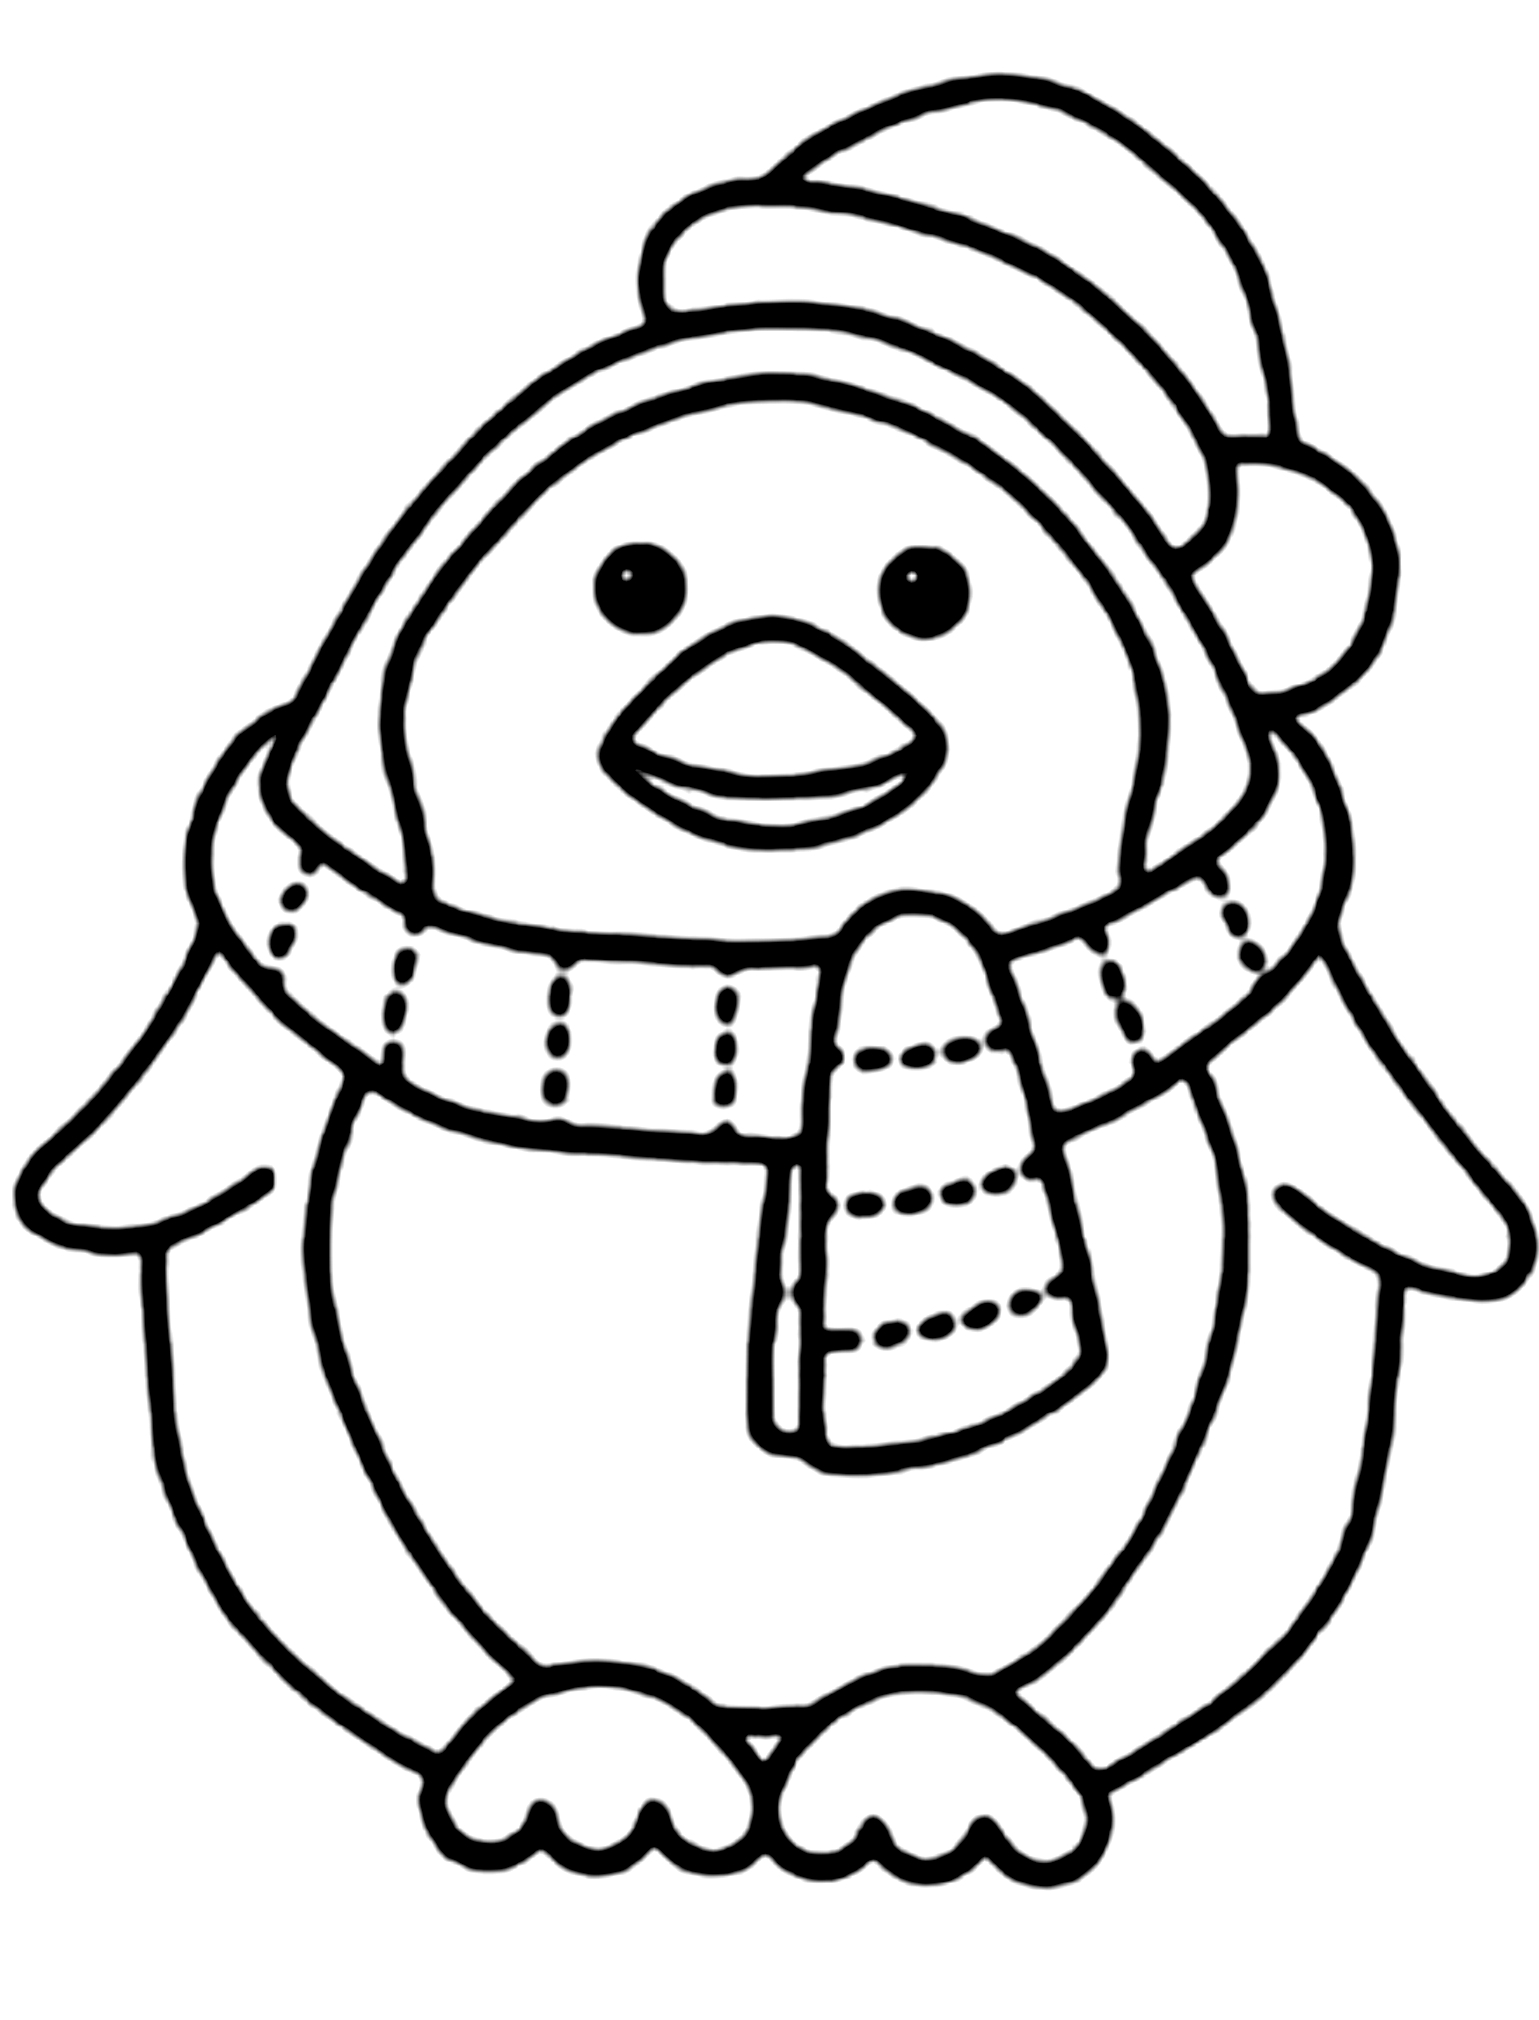 Disegno 3 di pinguini da stampare e colorare